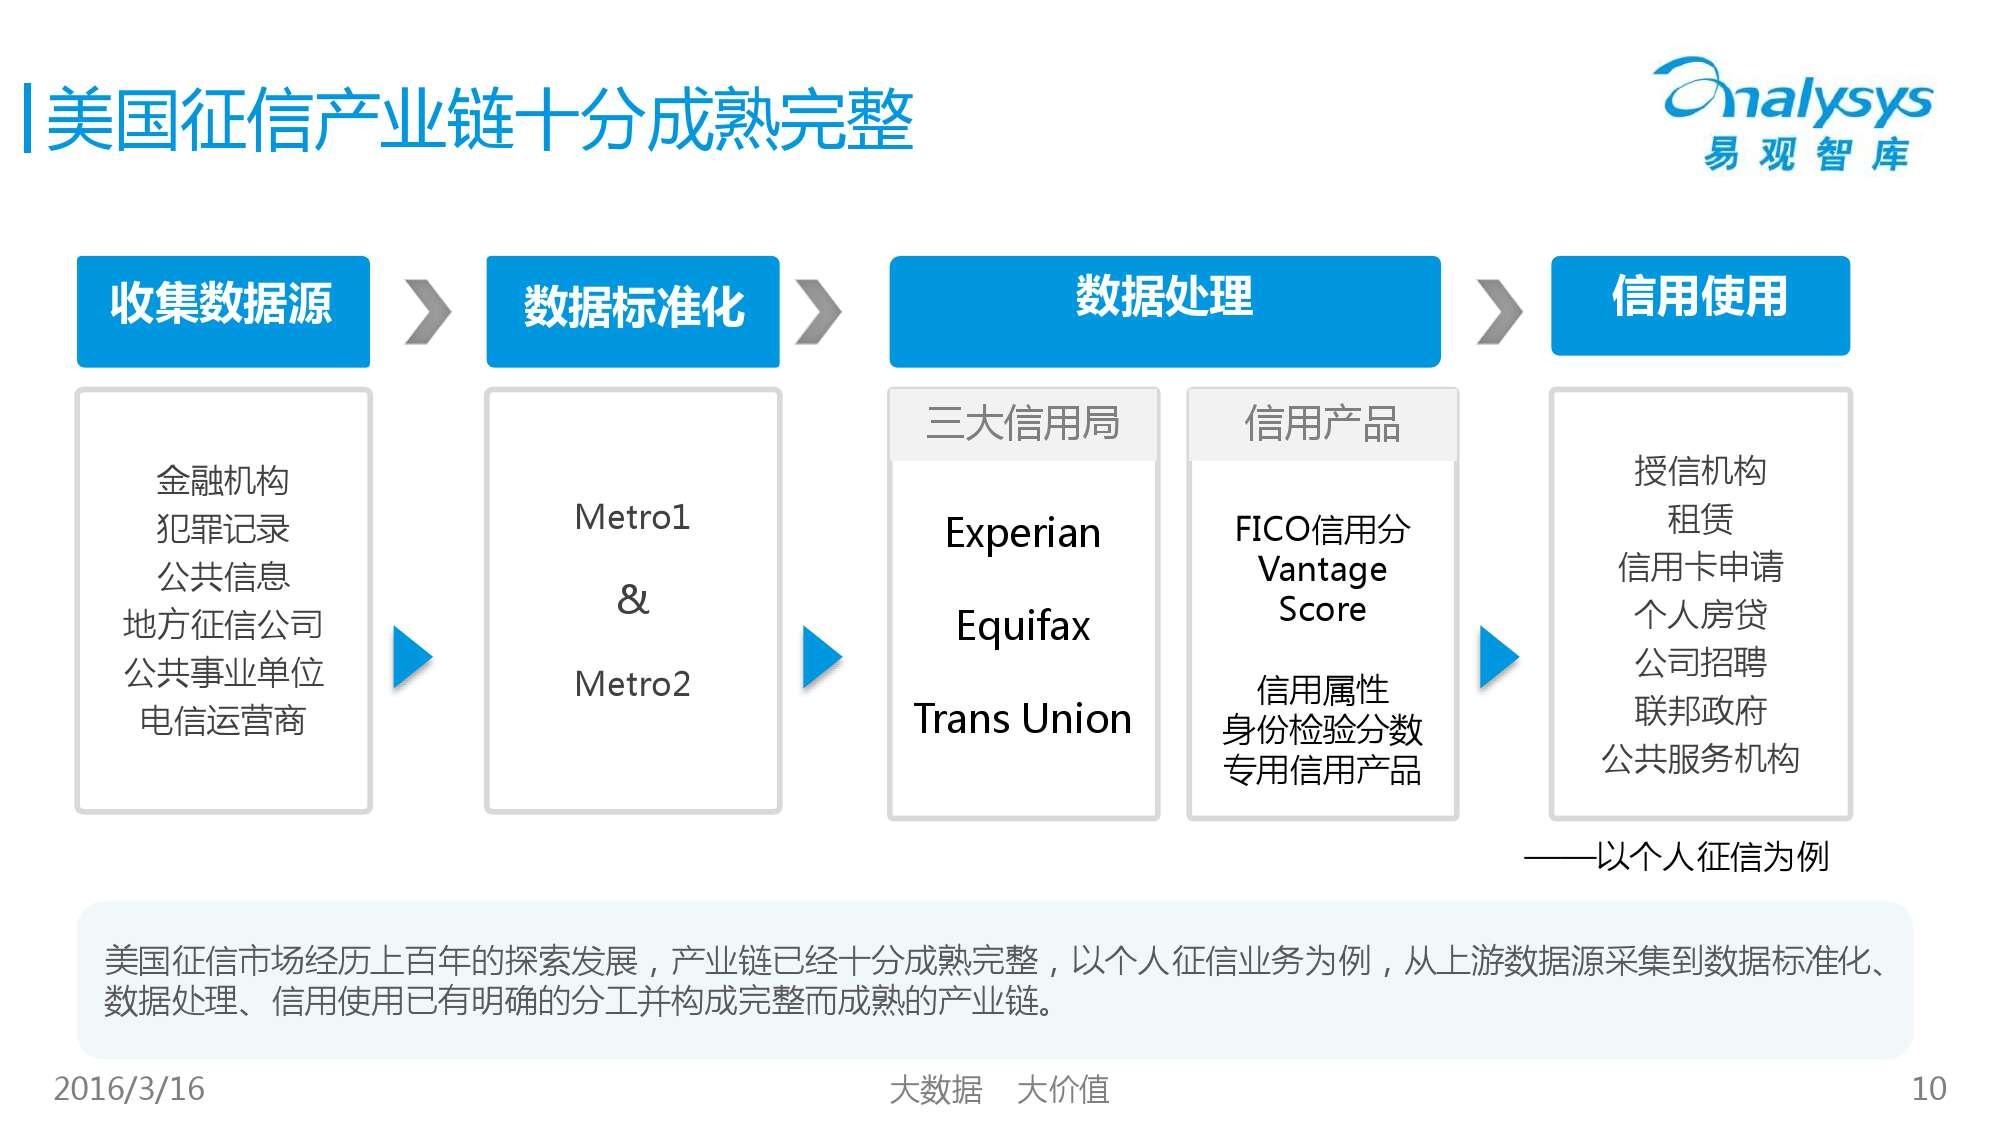 中国征信行业专题研究报告2016_000010